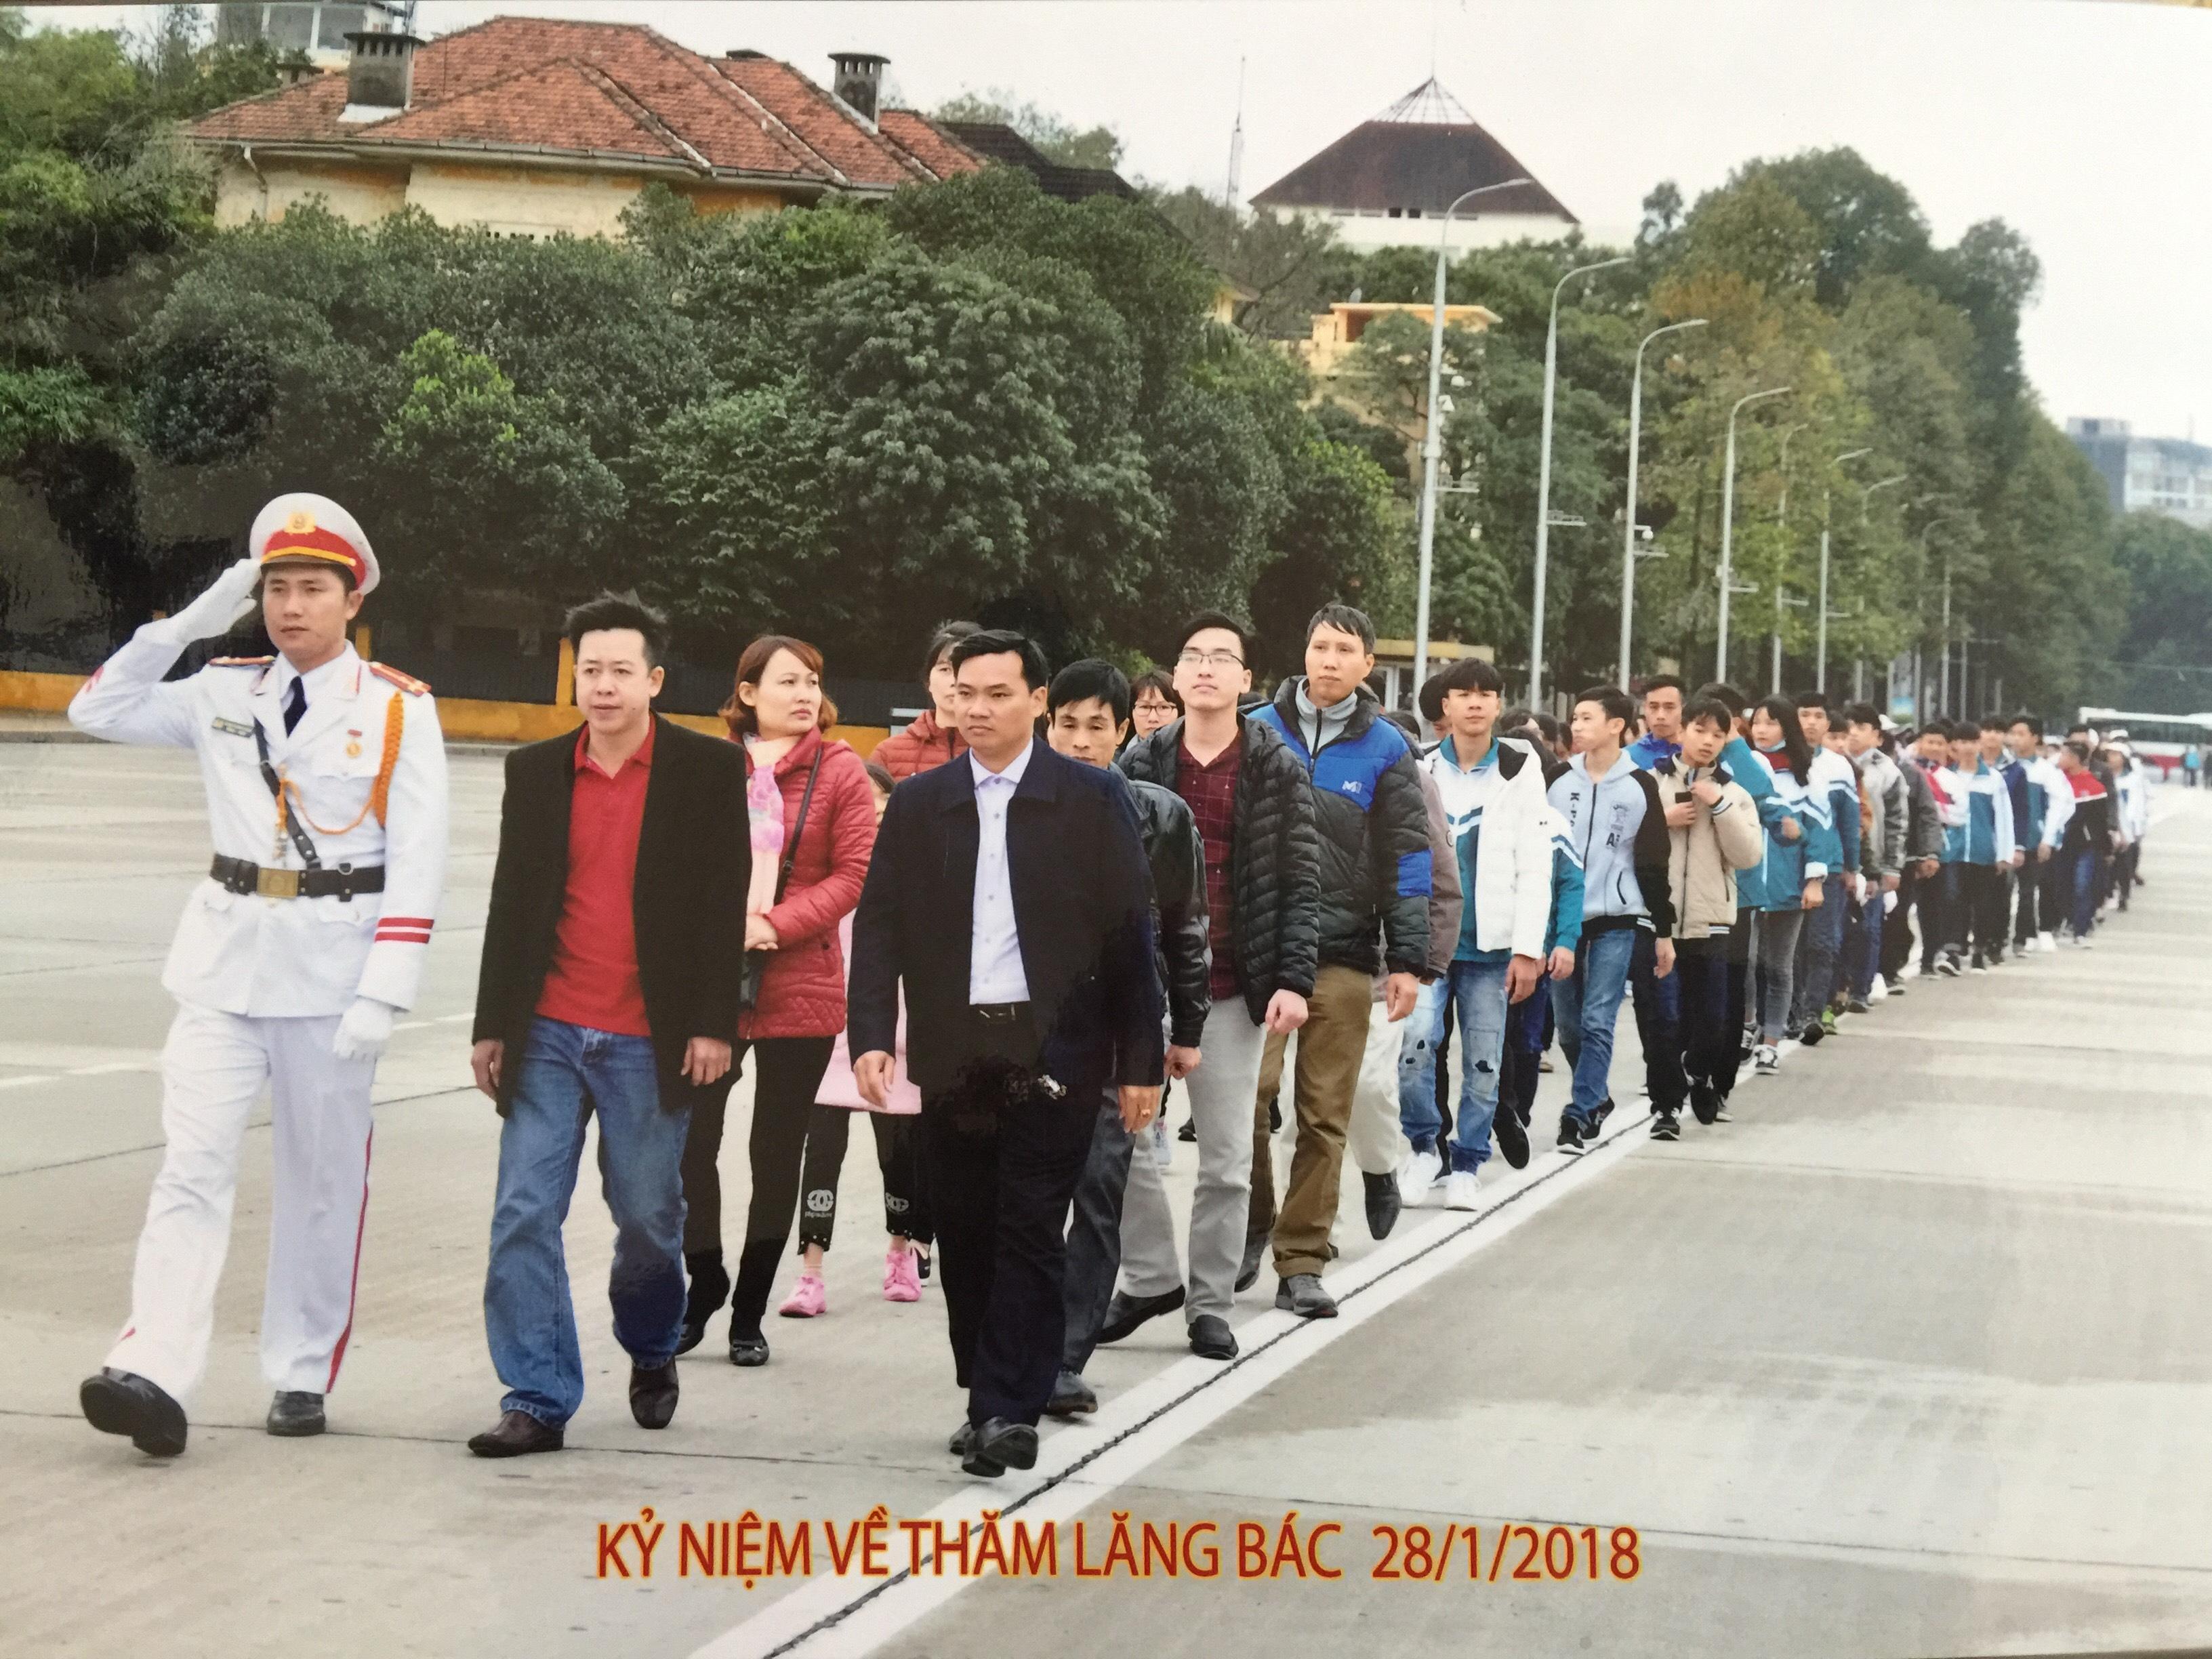 Trường THCS Hoàng Ngân báo công dâng Bác và tìm hiểu nét văn hóa của 54 dân tộc Việt Nam